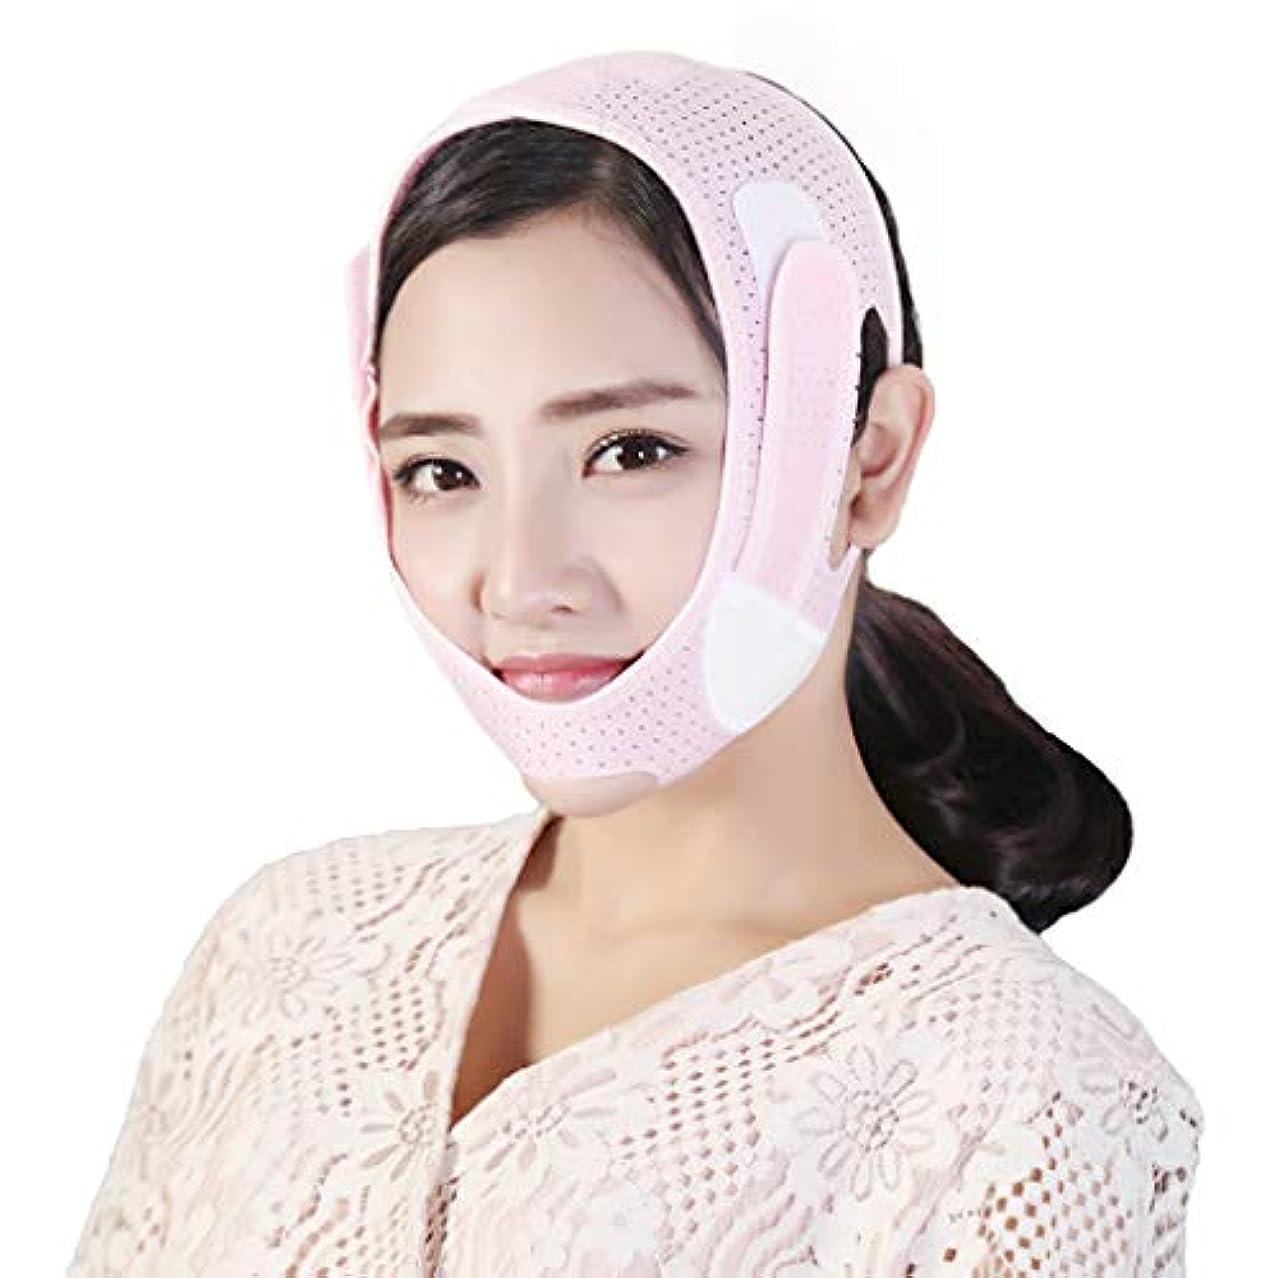 拳フェッチパーティション減量マスク薄い顔のマスクV顔の薄い顔の咬筋ダブル顎の包帯睡眠マスクの通気性